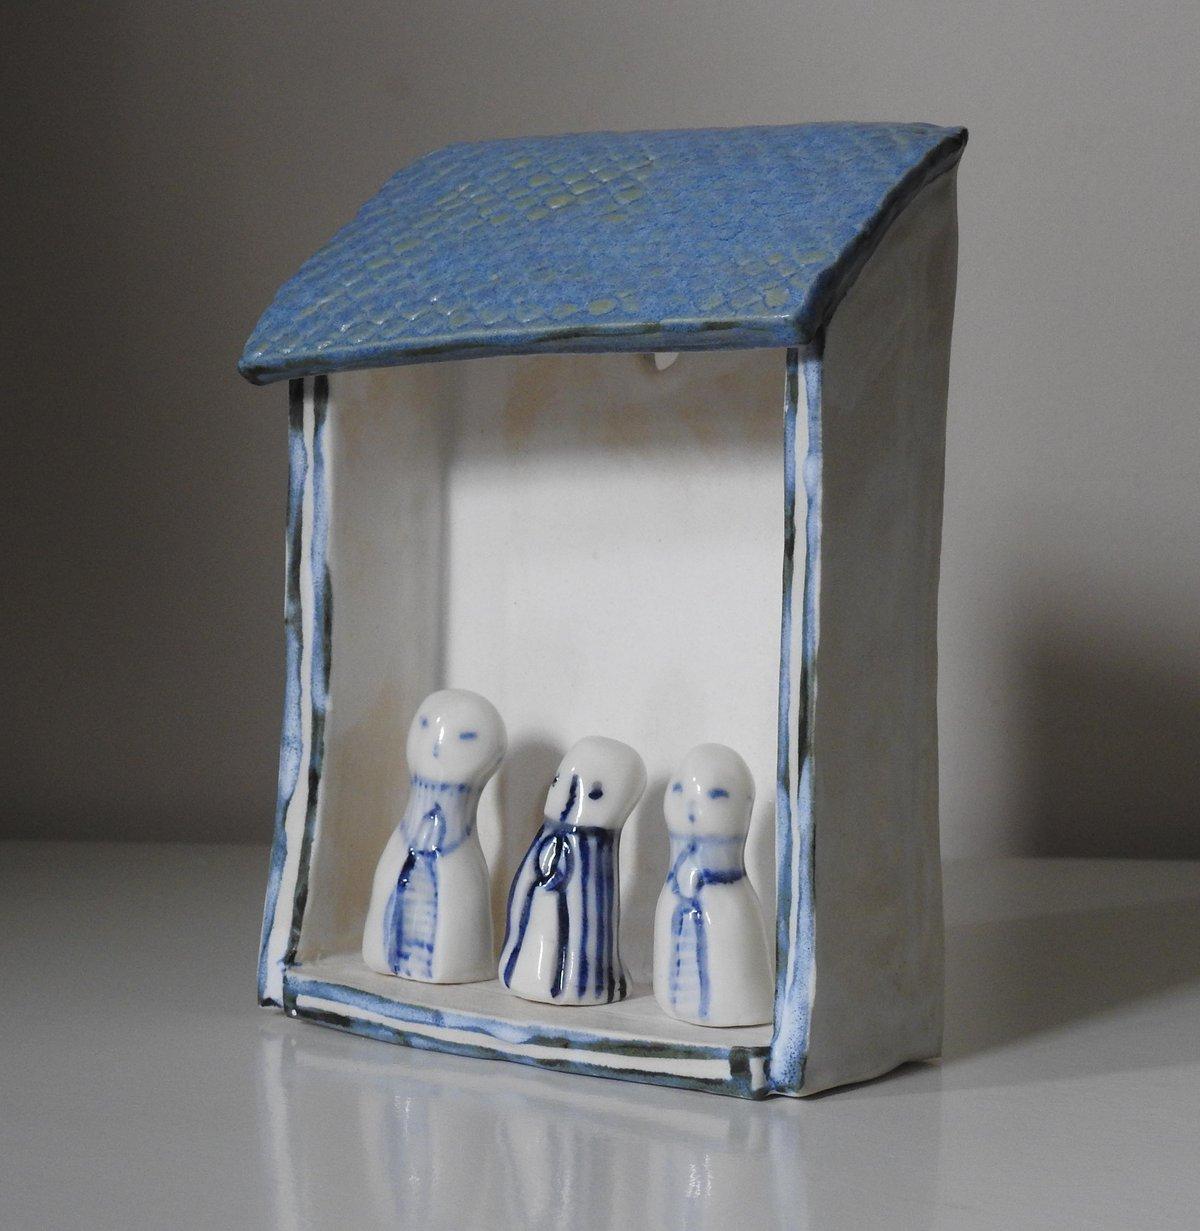 Image of little shelter - blue tile